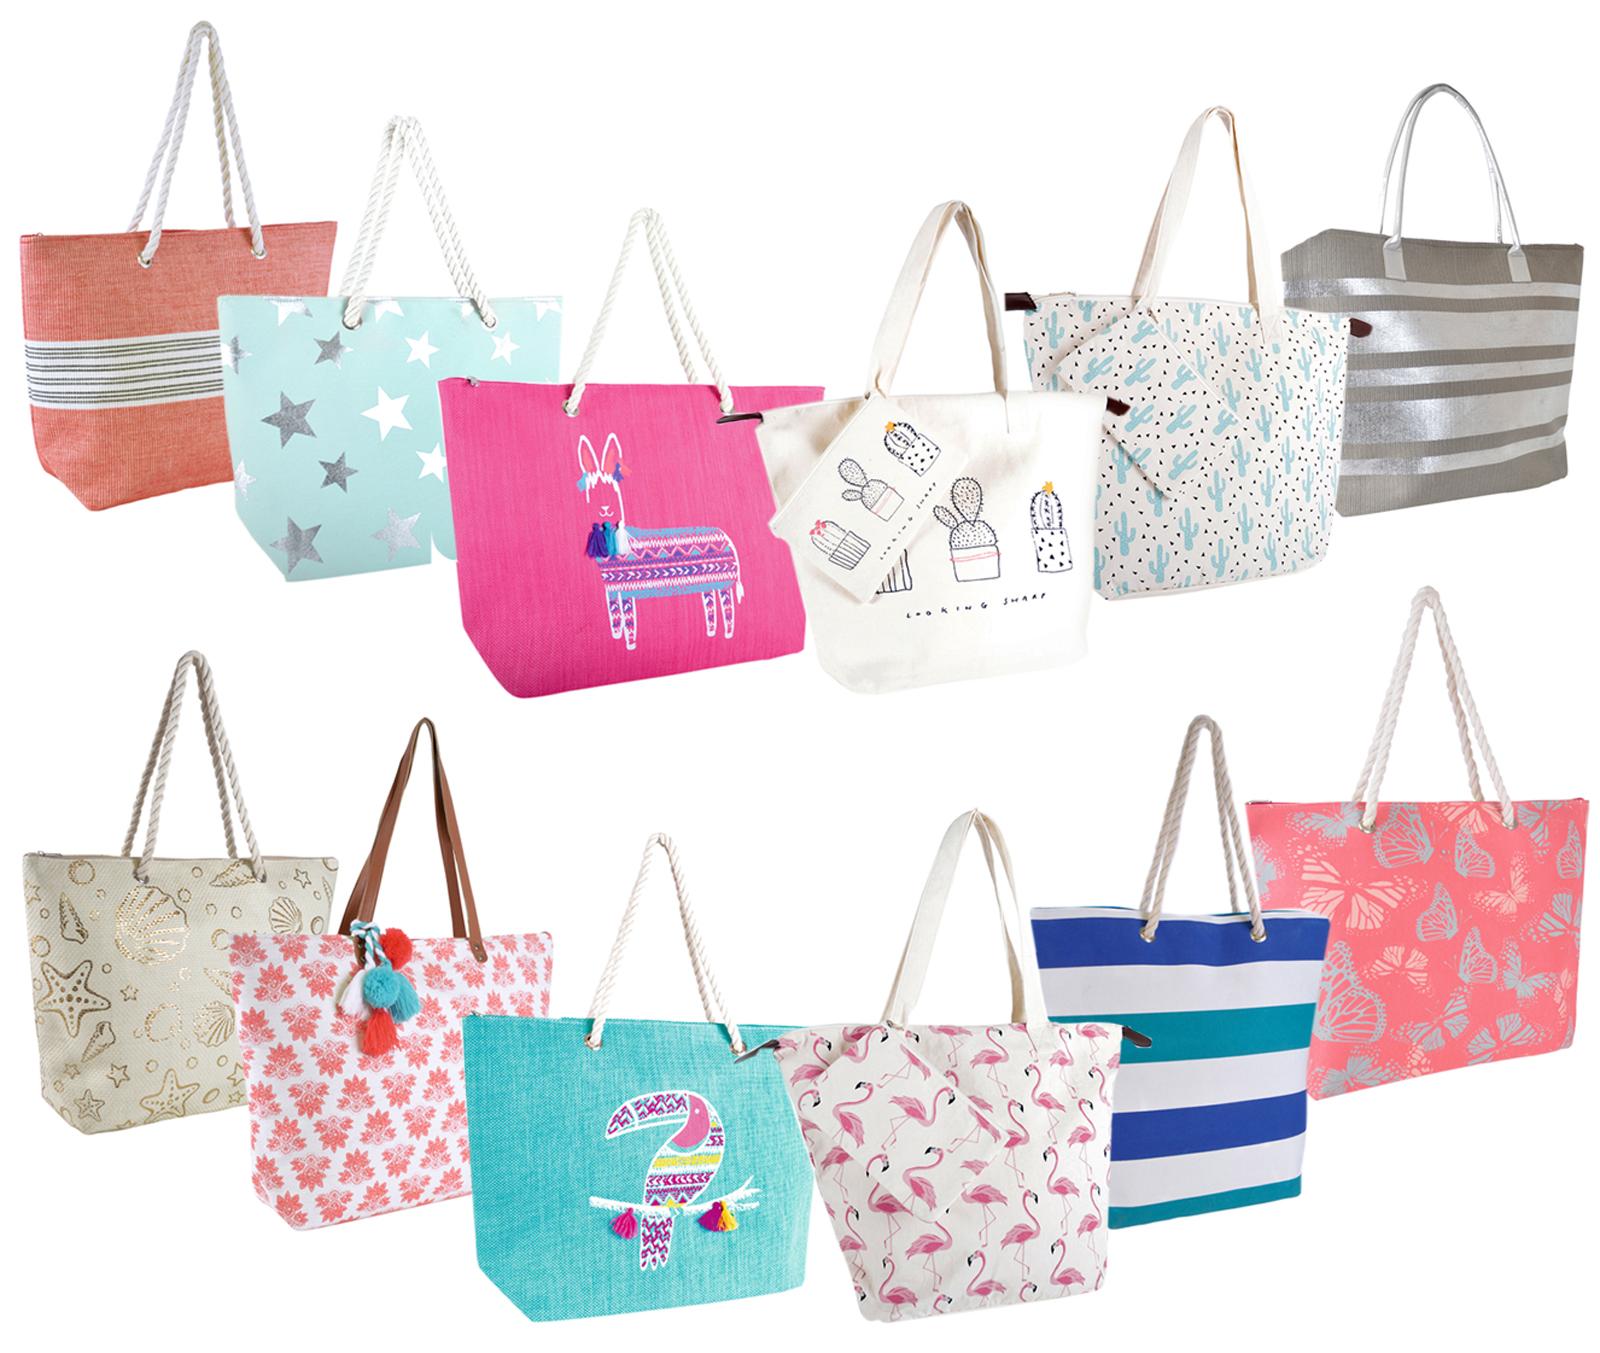 Beach Bags Womens Summer Tote Girls Large Canvas Beach Bag Zipped Closure features Beach Equipment